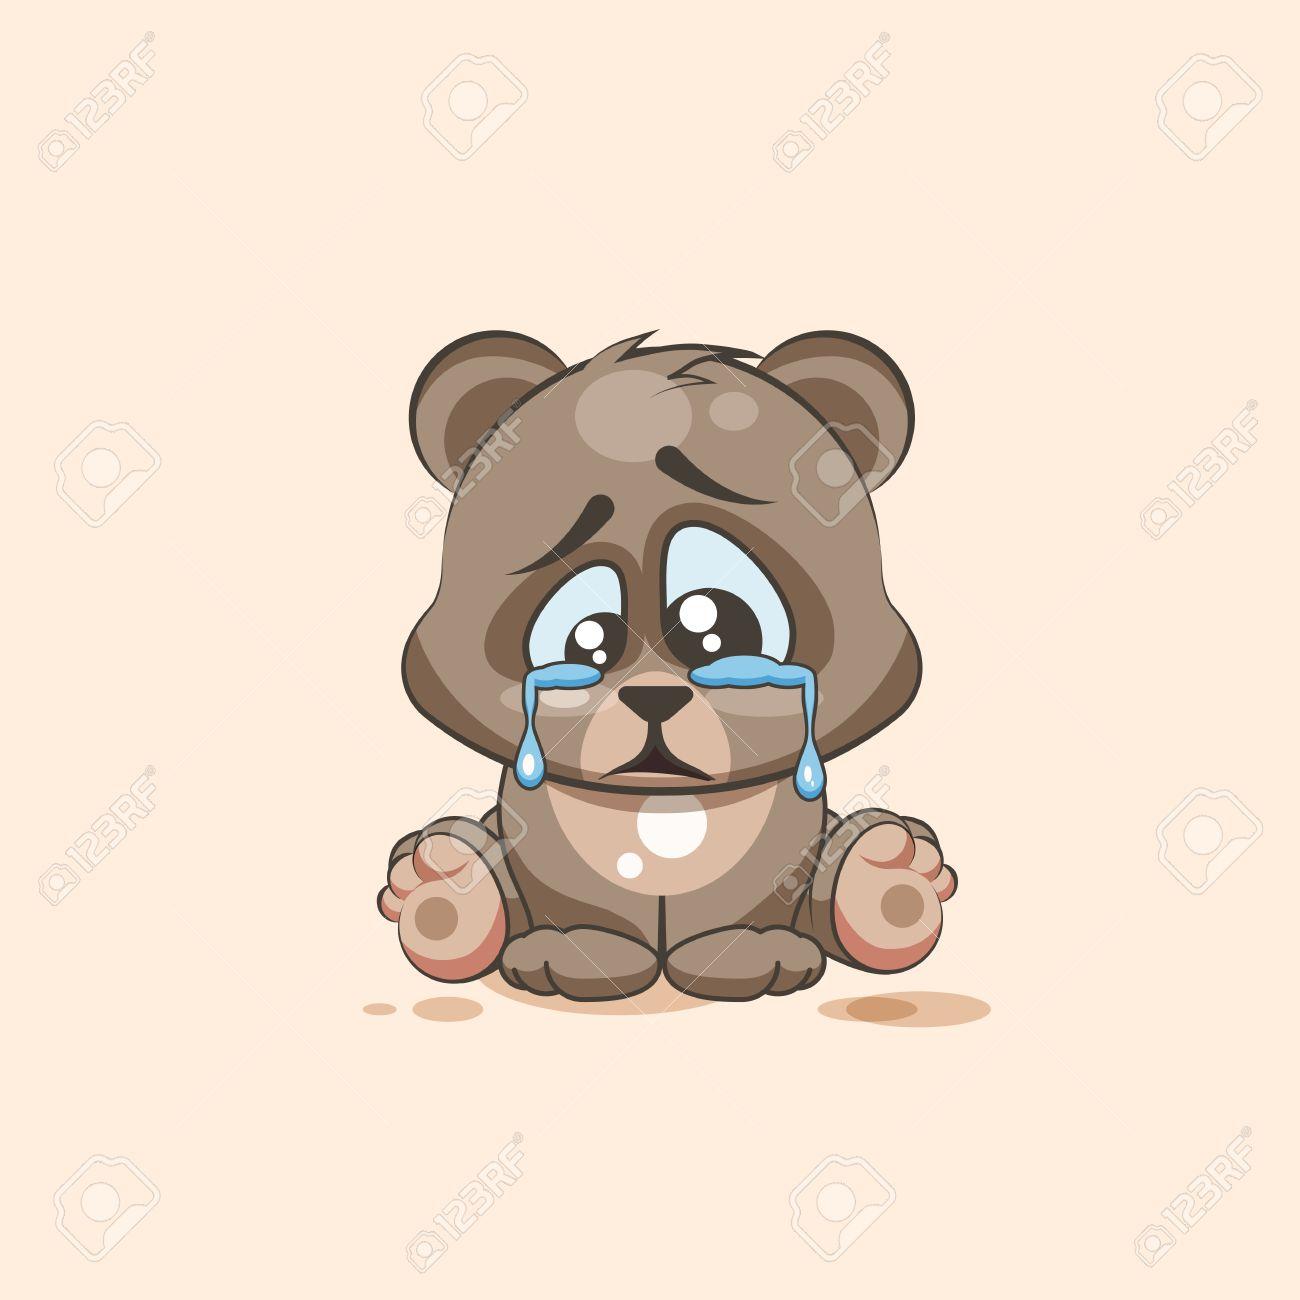 Lágrimas Imágenes Osito Triste Llorando Wwwimagenesmycom